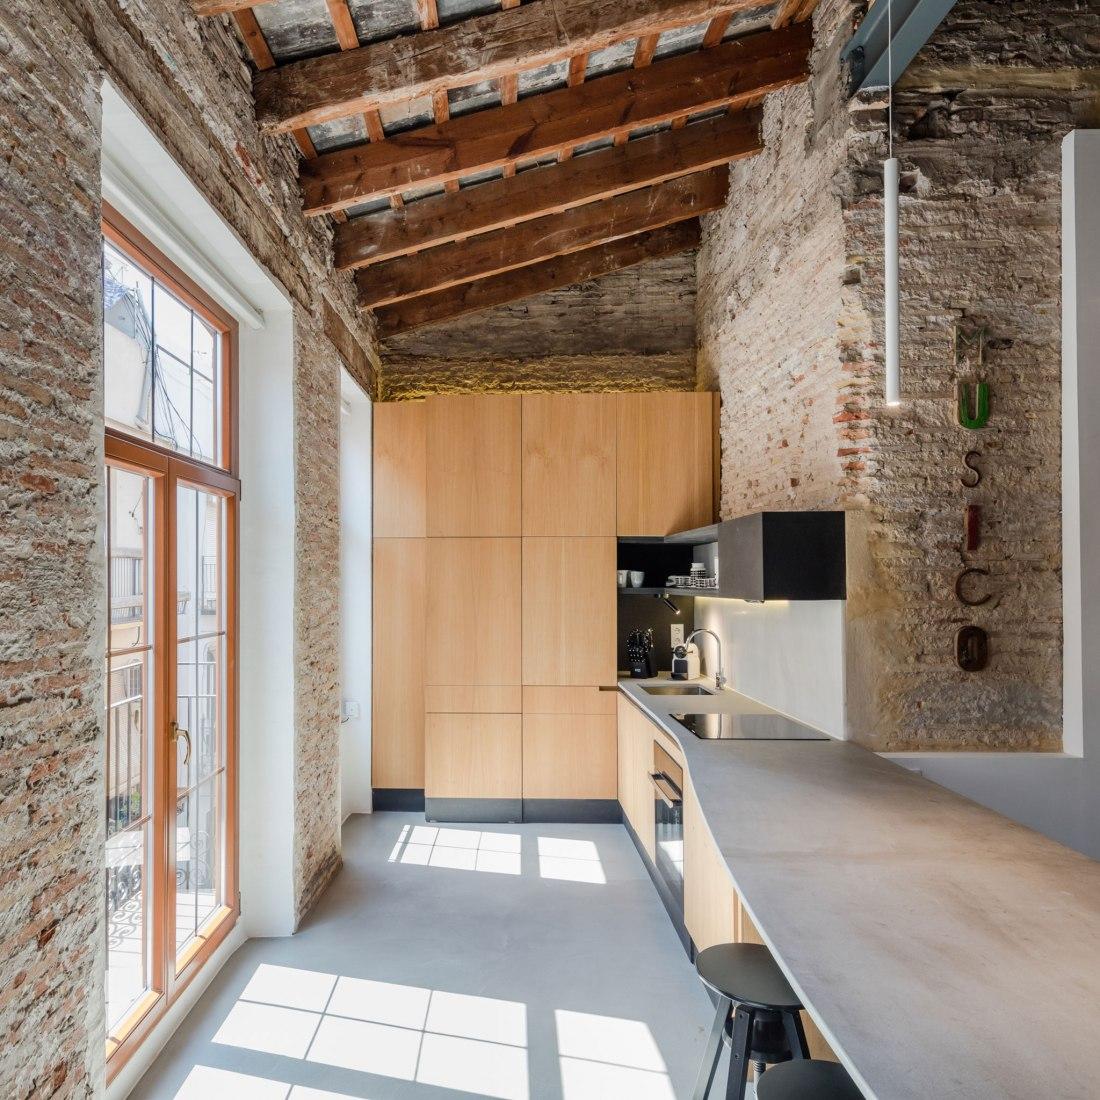 Kitchen. Apartment Musico Iturbi by Roberto di Donato Architecture. Photograph © Joao Morgado